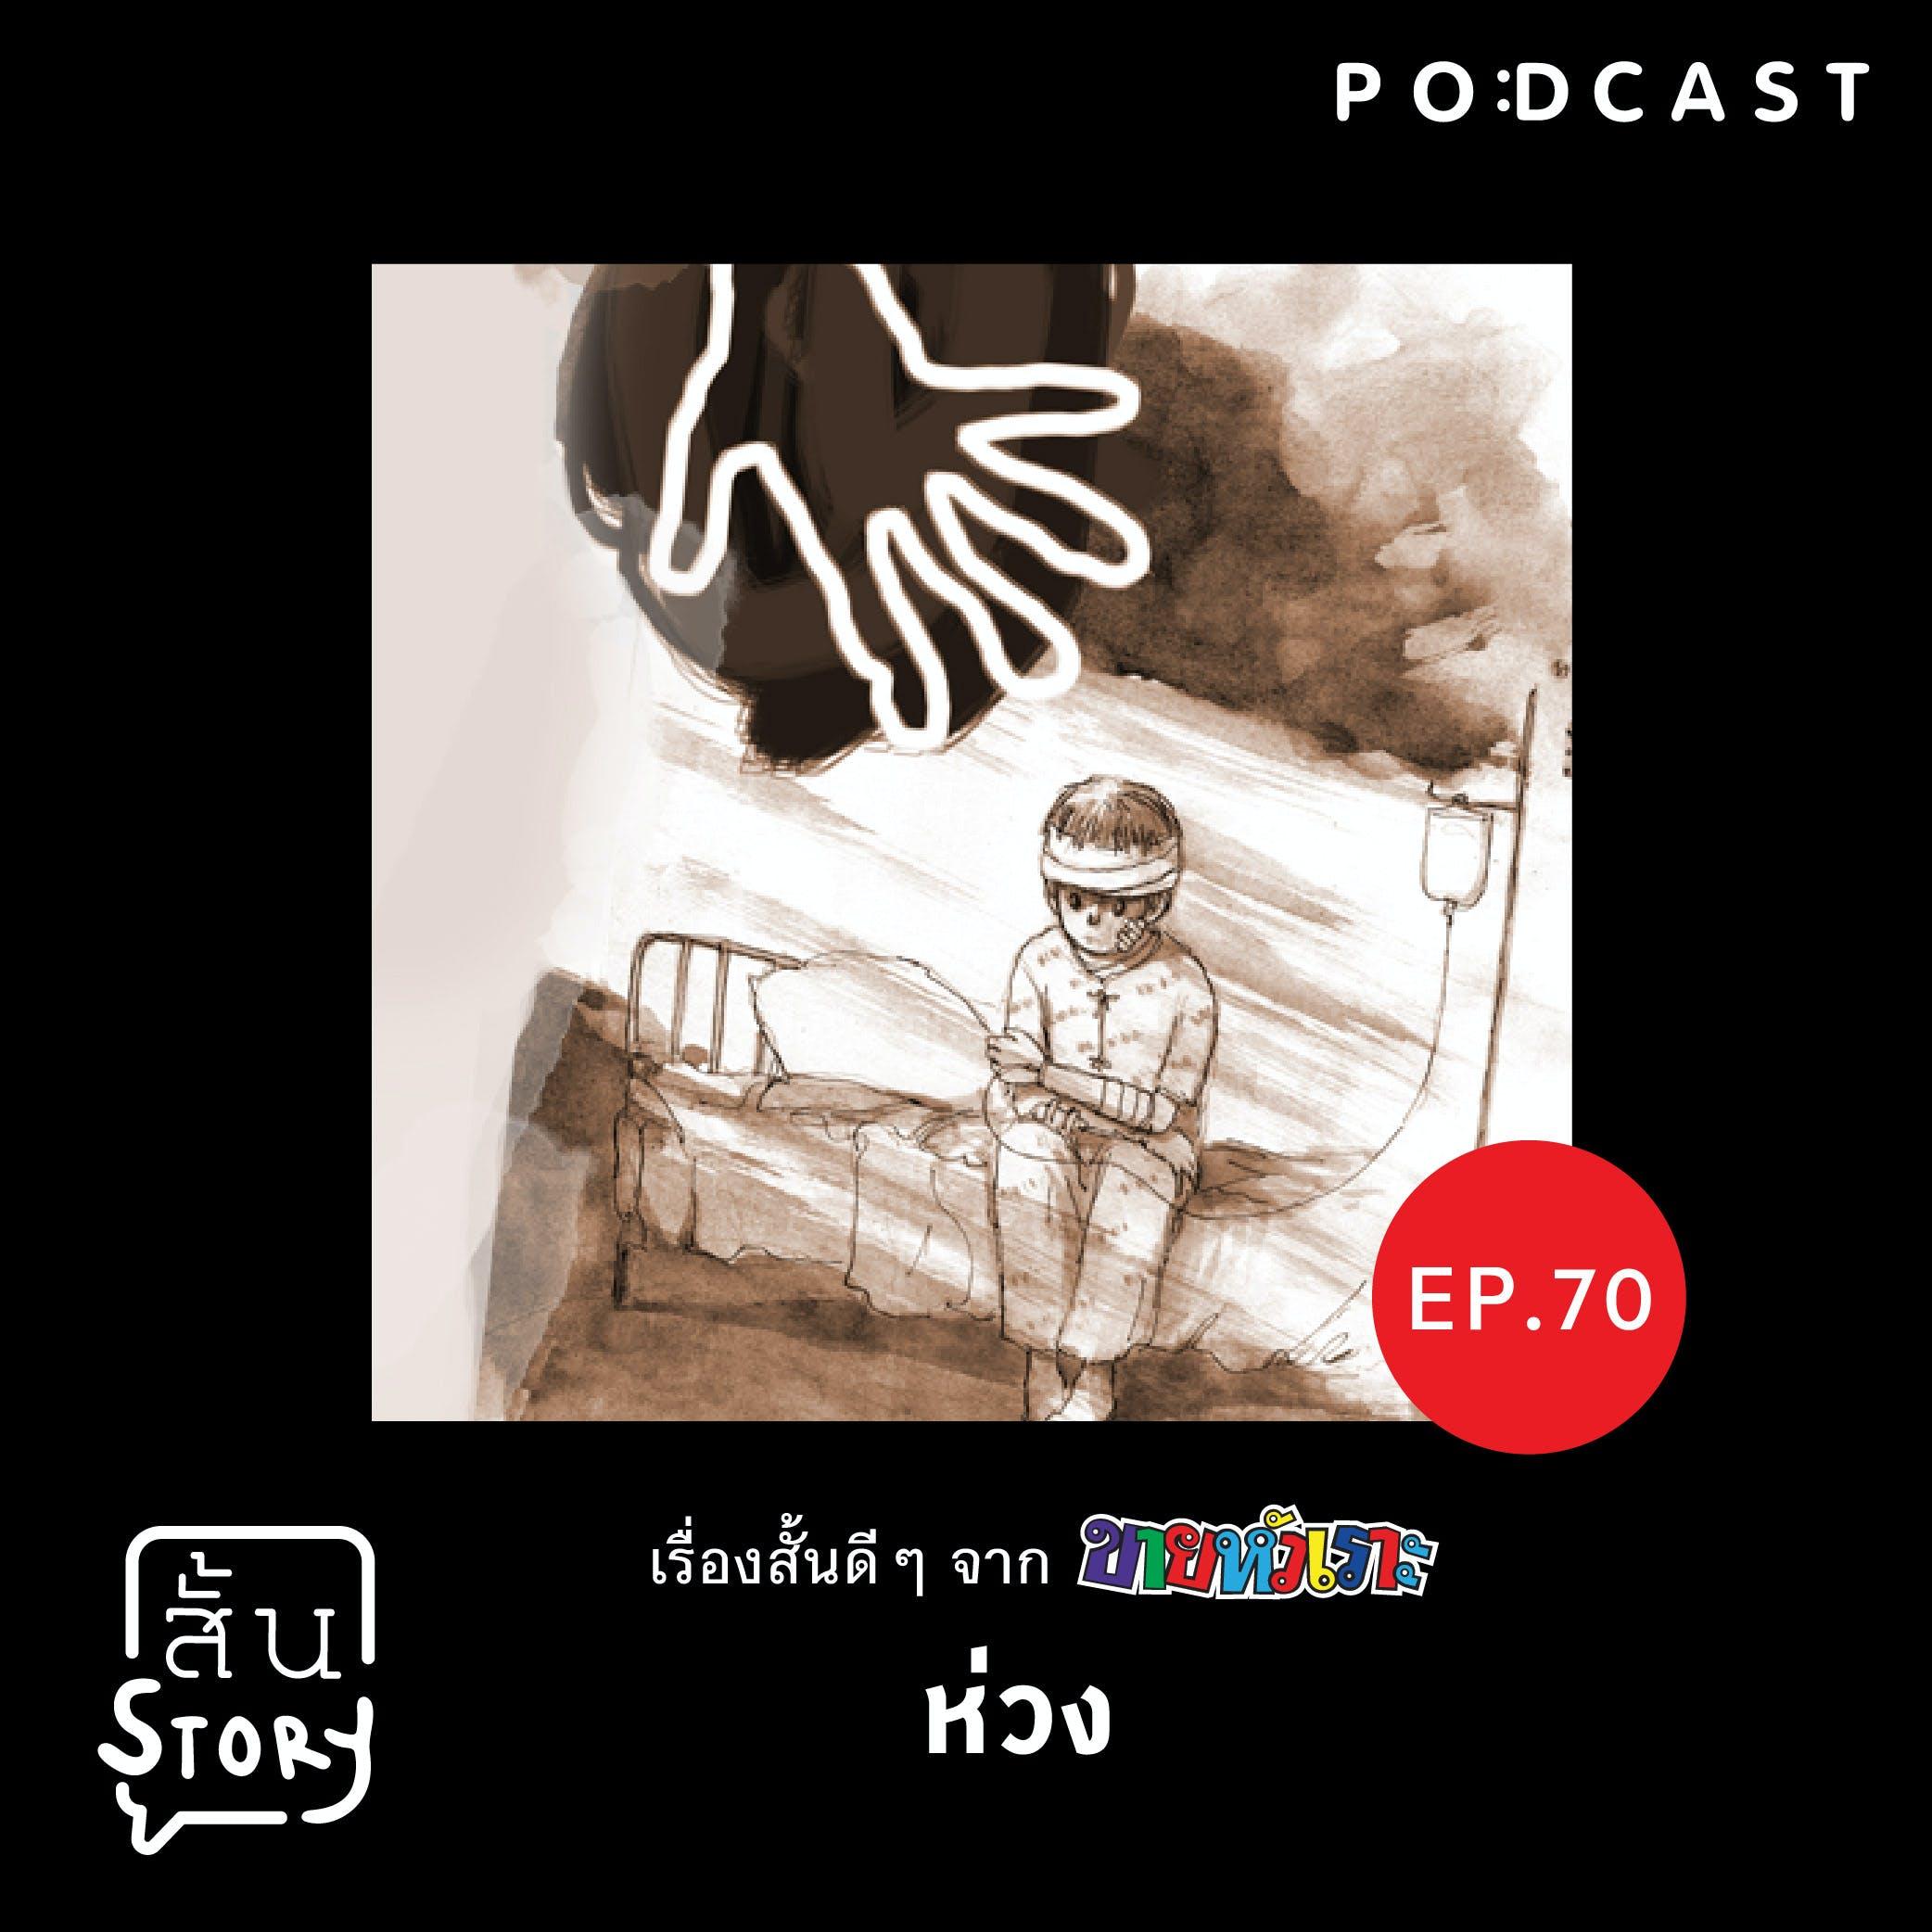 STR EP. 70 เรื่องสั้นขายหัวเราะ: ห่วง